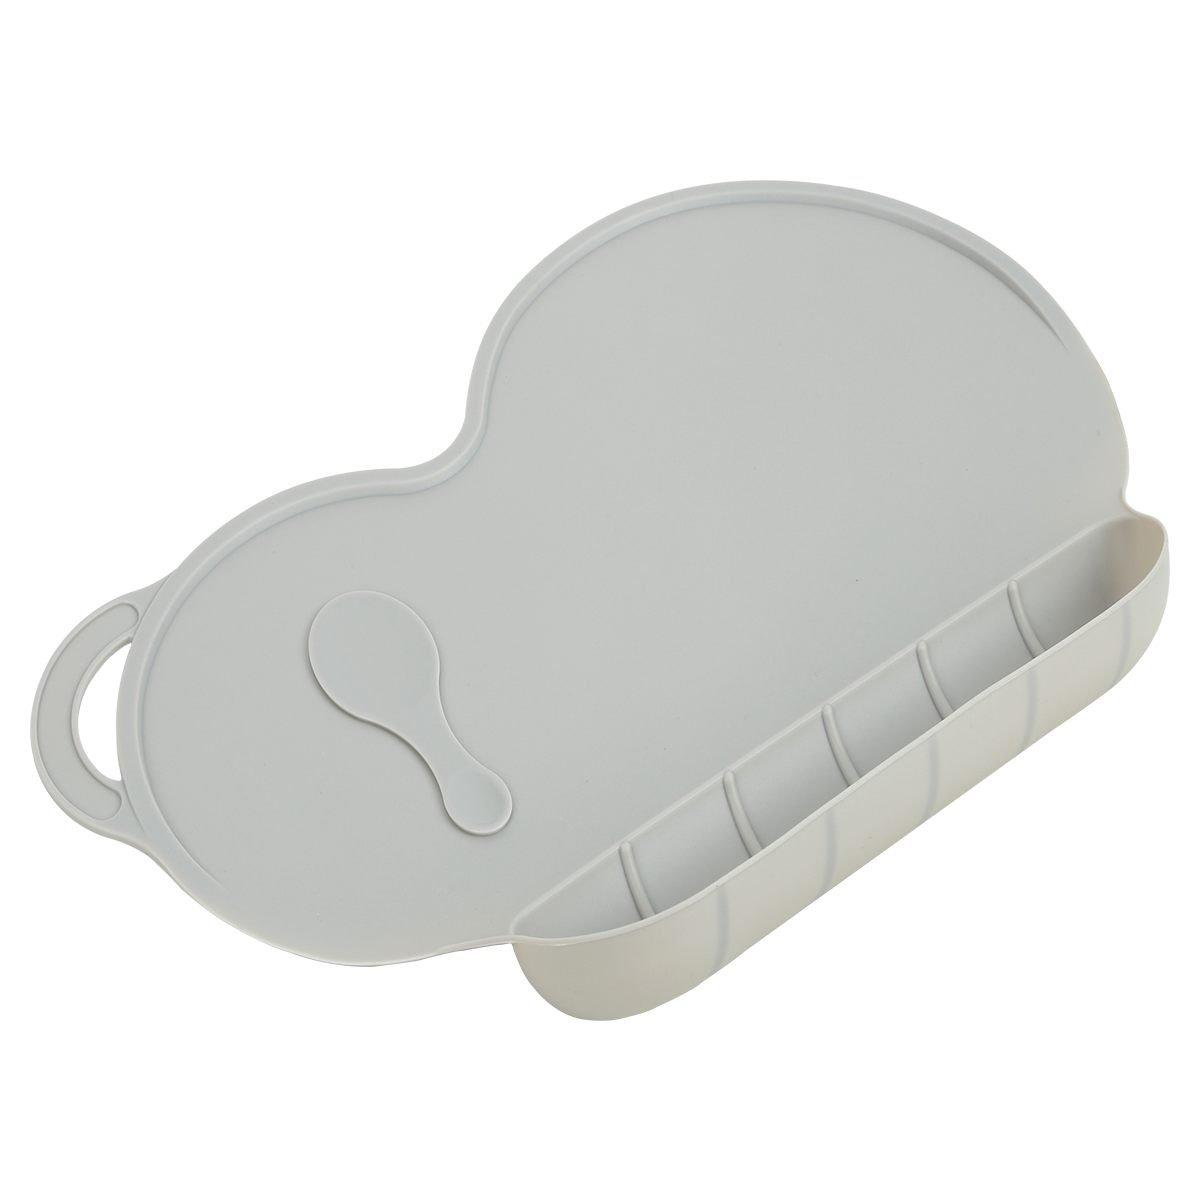 Cobeky Mantel individual de silicona para ninos Estera de mesa plato de nino pequeno babe anti-deslizante Portatil Libre de BPA Gris